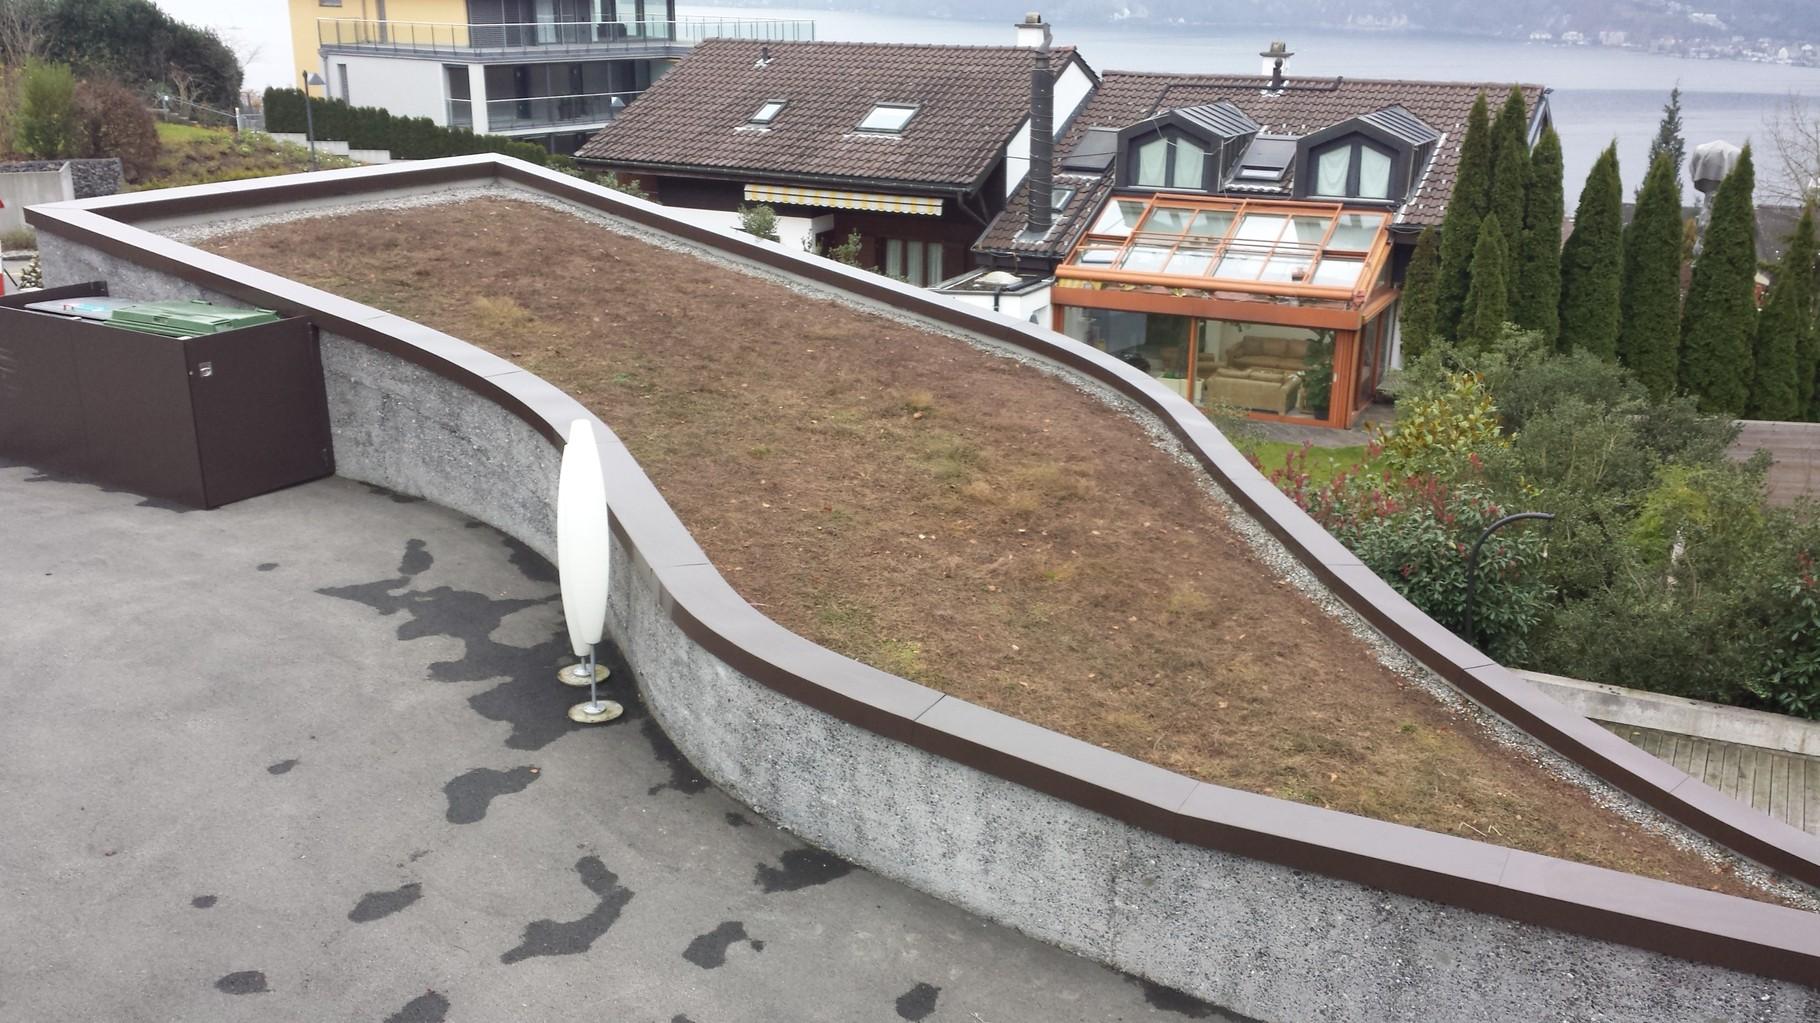 Mauerabdeckung in Aluminium Pulverbeschichtet, Hergiswil